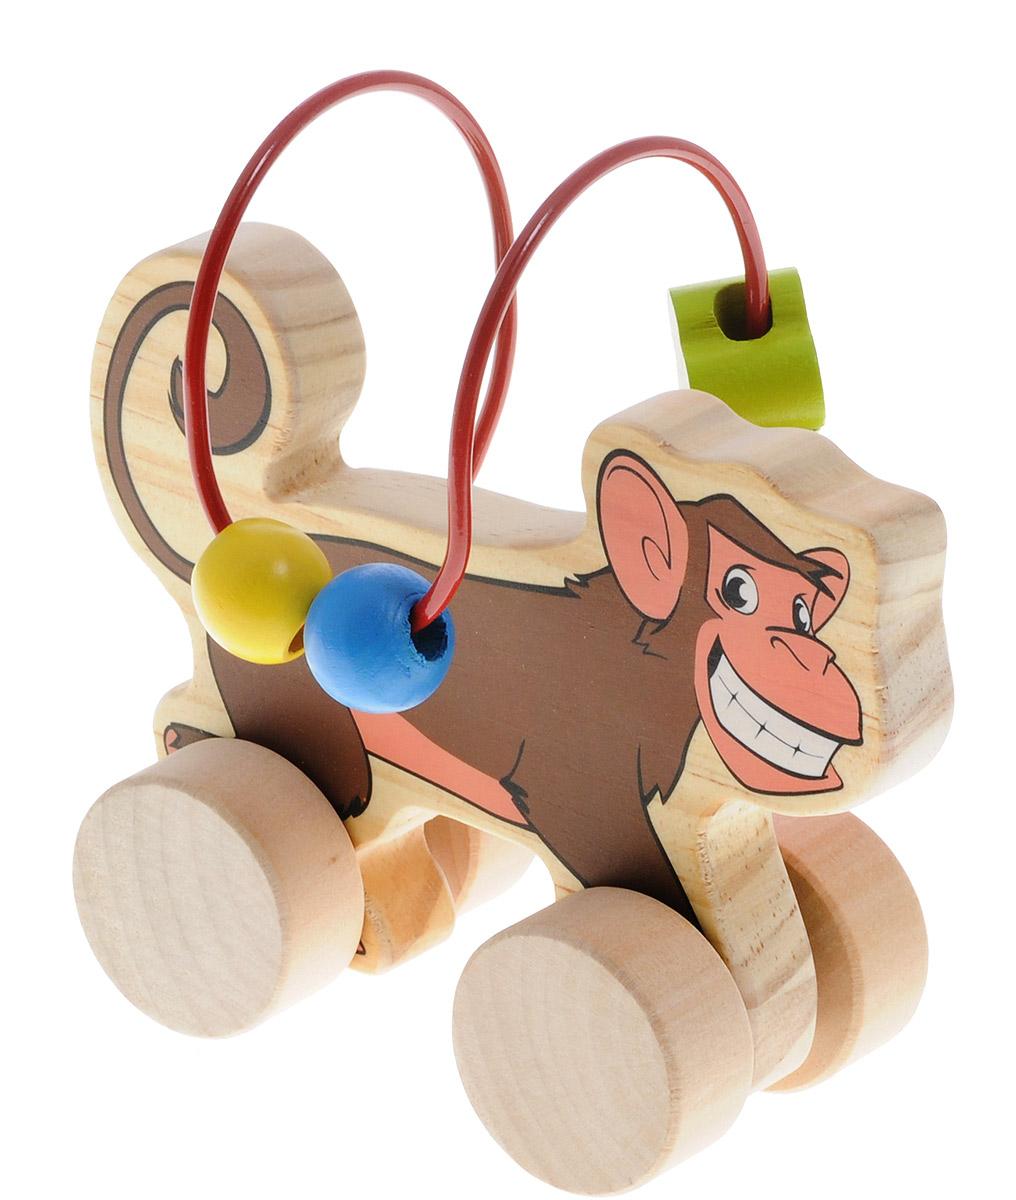 Мир деревянных игрушек Лабиринт-каталка ОбезьянаД357Лабиринт-каталка Мир деревянных игрушек Обезьяна - это замечательная игрушка для малышей! Игрушка в виде обезьянки на колесиках выполнена из качественных материалов по европейским стандартам и покрыта специальной краской на водной основе, которая абсолютно безопасна для вашего малыша. Натуральное дерево, из которого изготовлена игрушка, прошло специальную обработку, в результате чего на модели не осталось острых углов или шероховатых поверхностей, которые могут повредить кожу ребенка. Производитель использует только экологически чистую новозеландскую сосну для производства своих игрушек. К игрушке прикреплена изогнутая проволока, по которой свободно могут двигаться фигурки, различные по цвету и форме. Мелкие детали не снимаются. Благодаря большим деревянным колесам малыш сможет использовать игрушку и как каталку. Лабиринт-каталка развивает моторику рук, логическое мышление, а также знакомит малыша с основными цветами и формами.